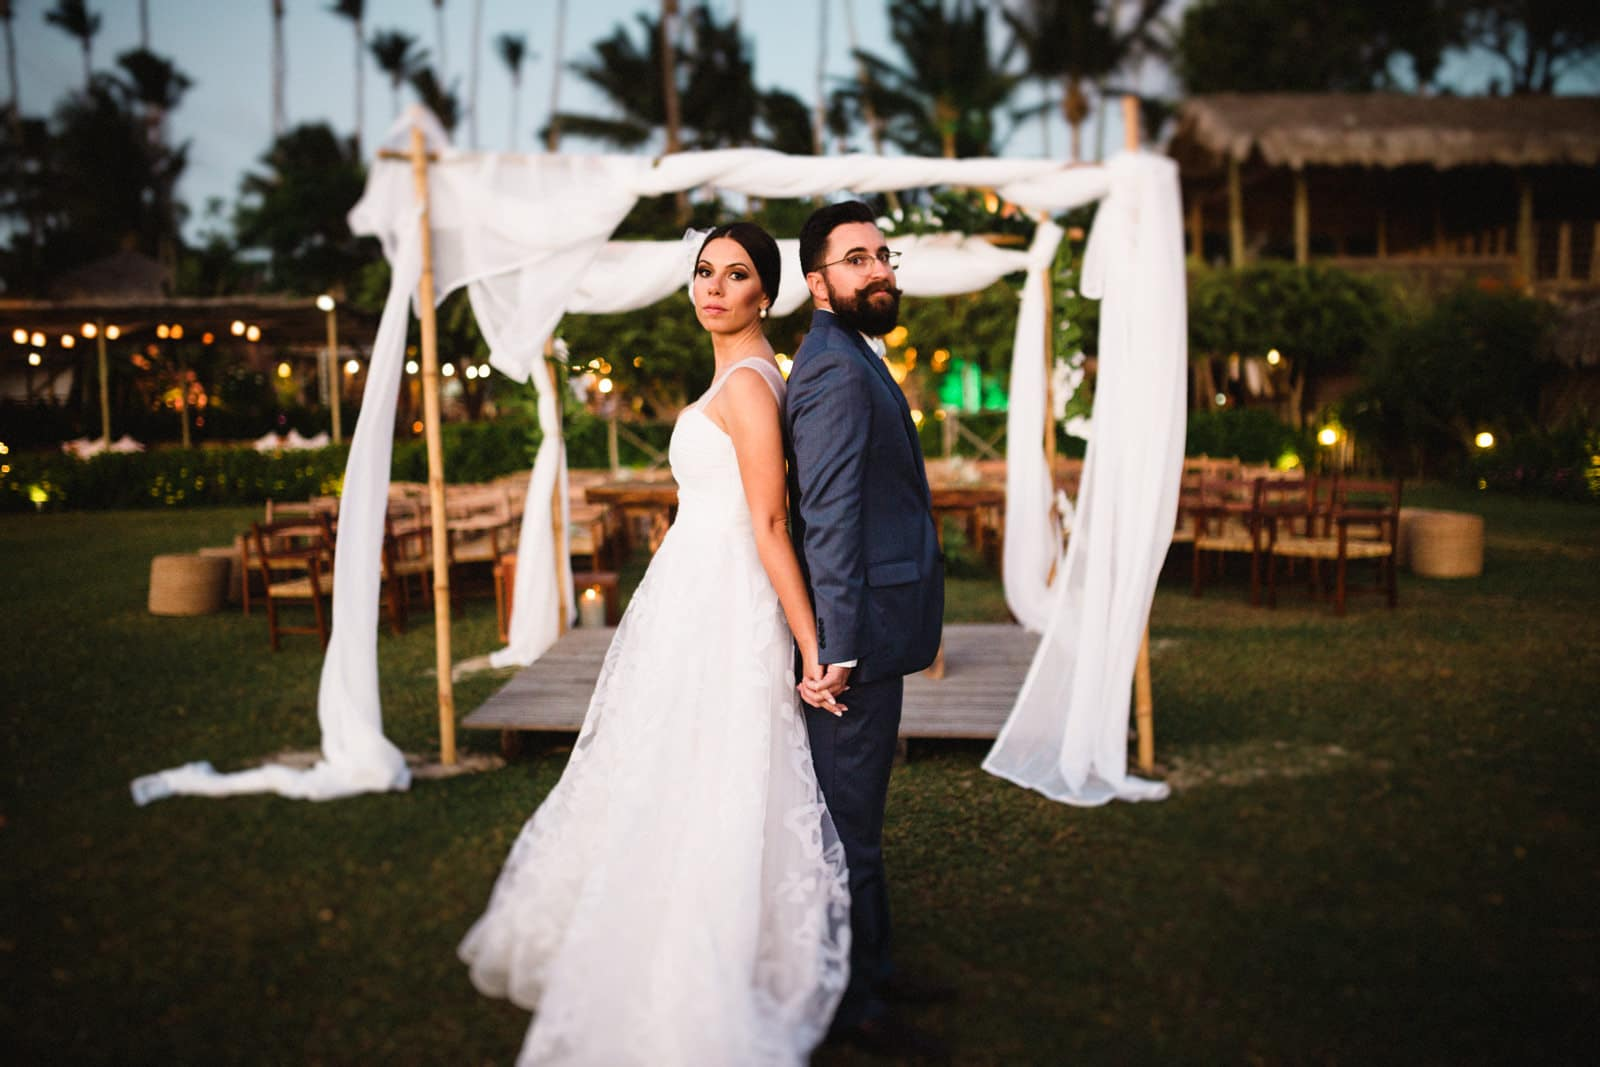 Fotos de Casamento na Praia de Jericoacoara